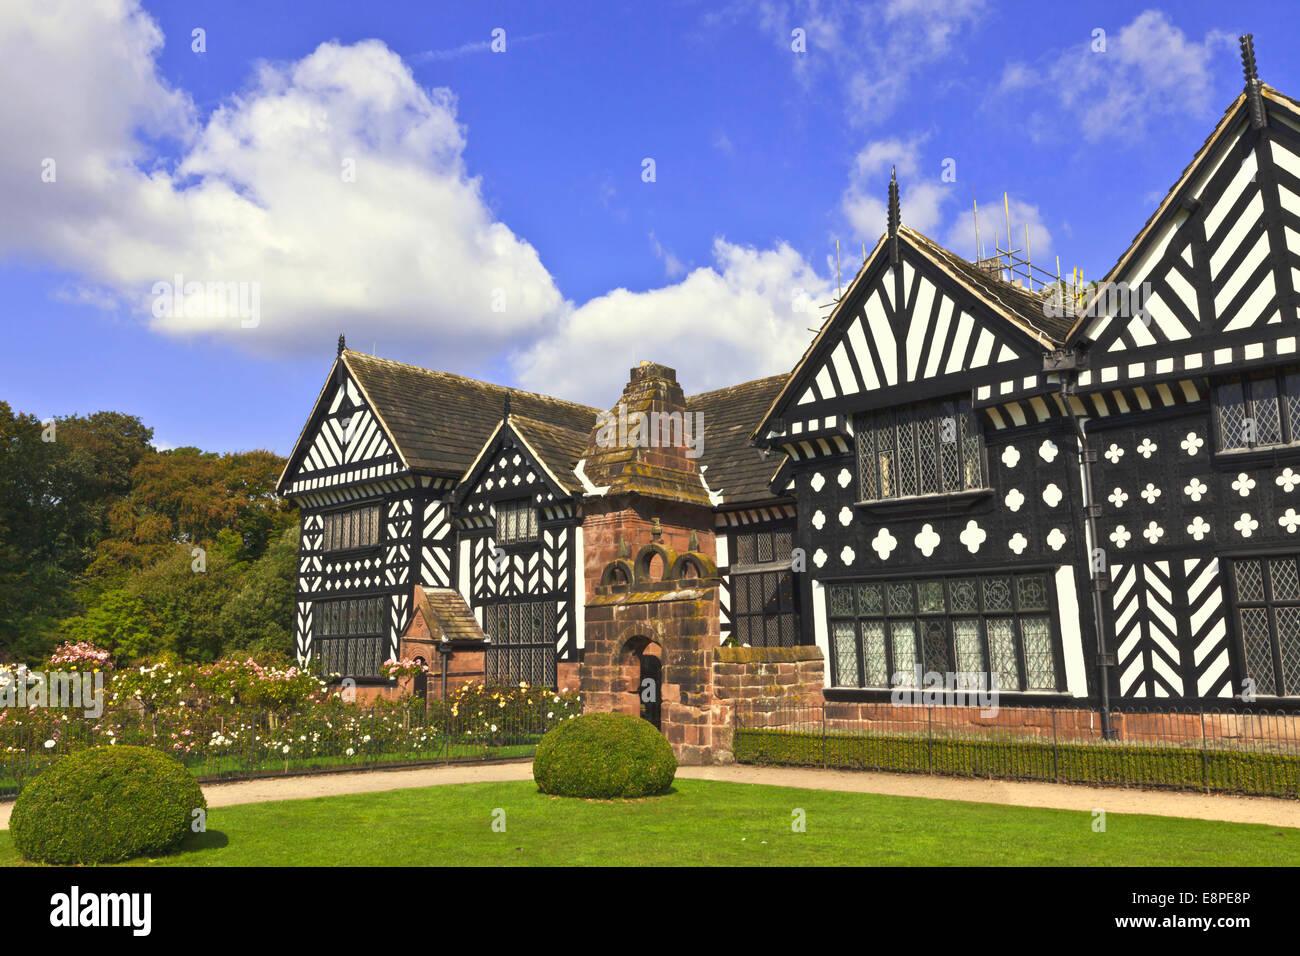 Cadre en bois noir et blanc maison manoir médiéval et jardins. Photo Stock